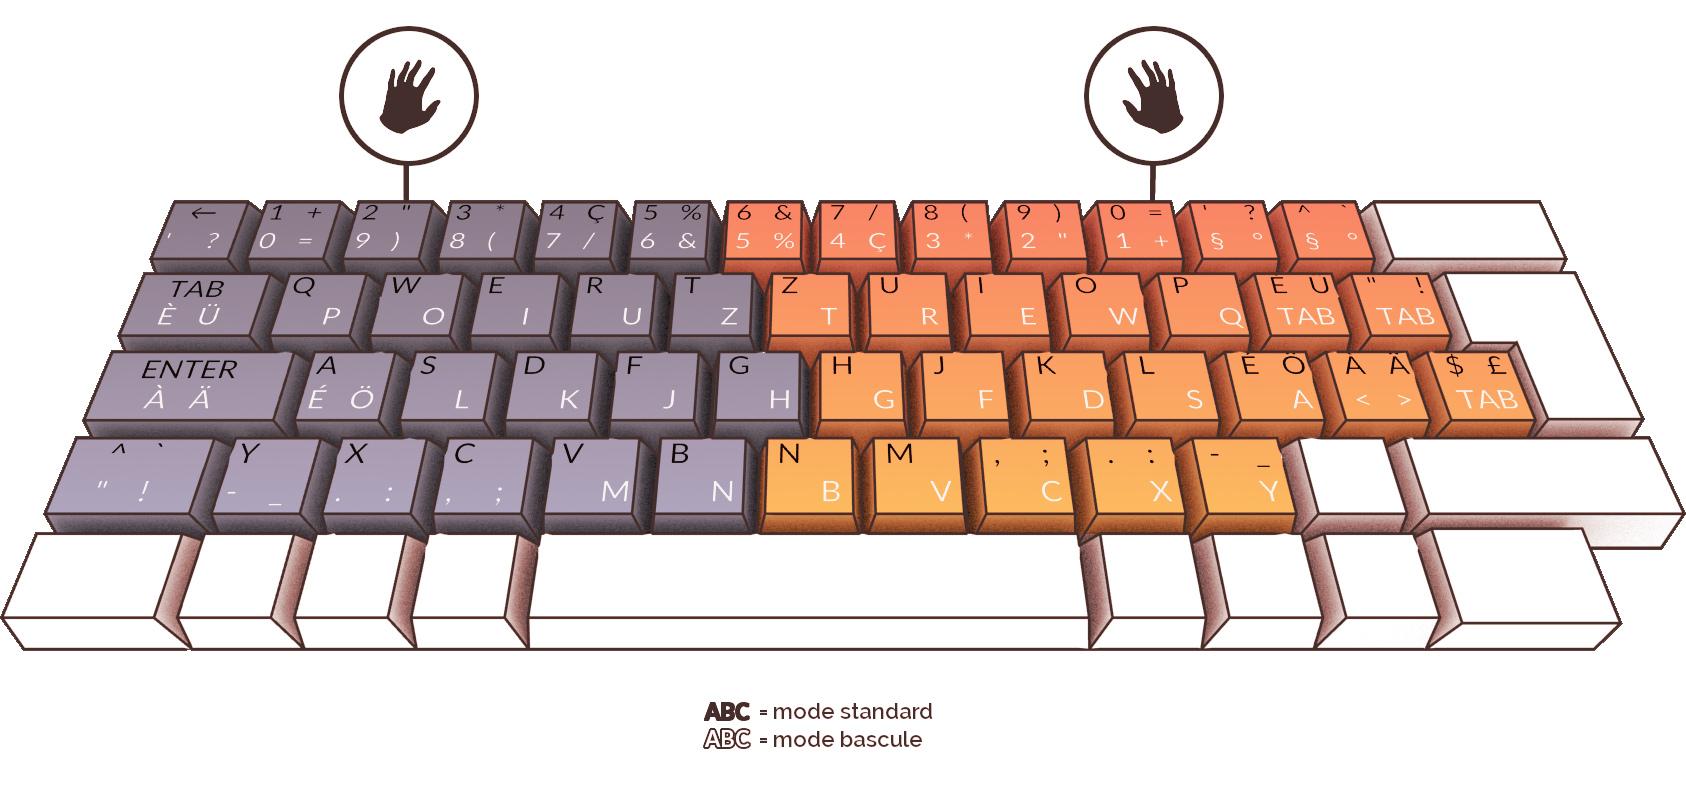 B-Key Tastatur zweifarbig abgebildet